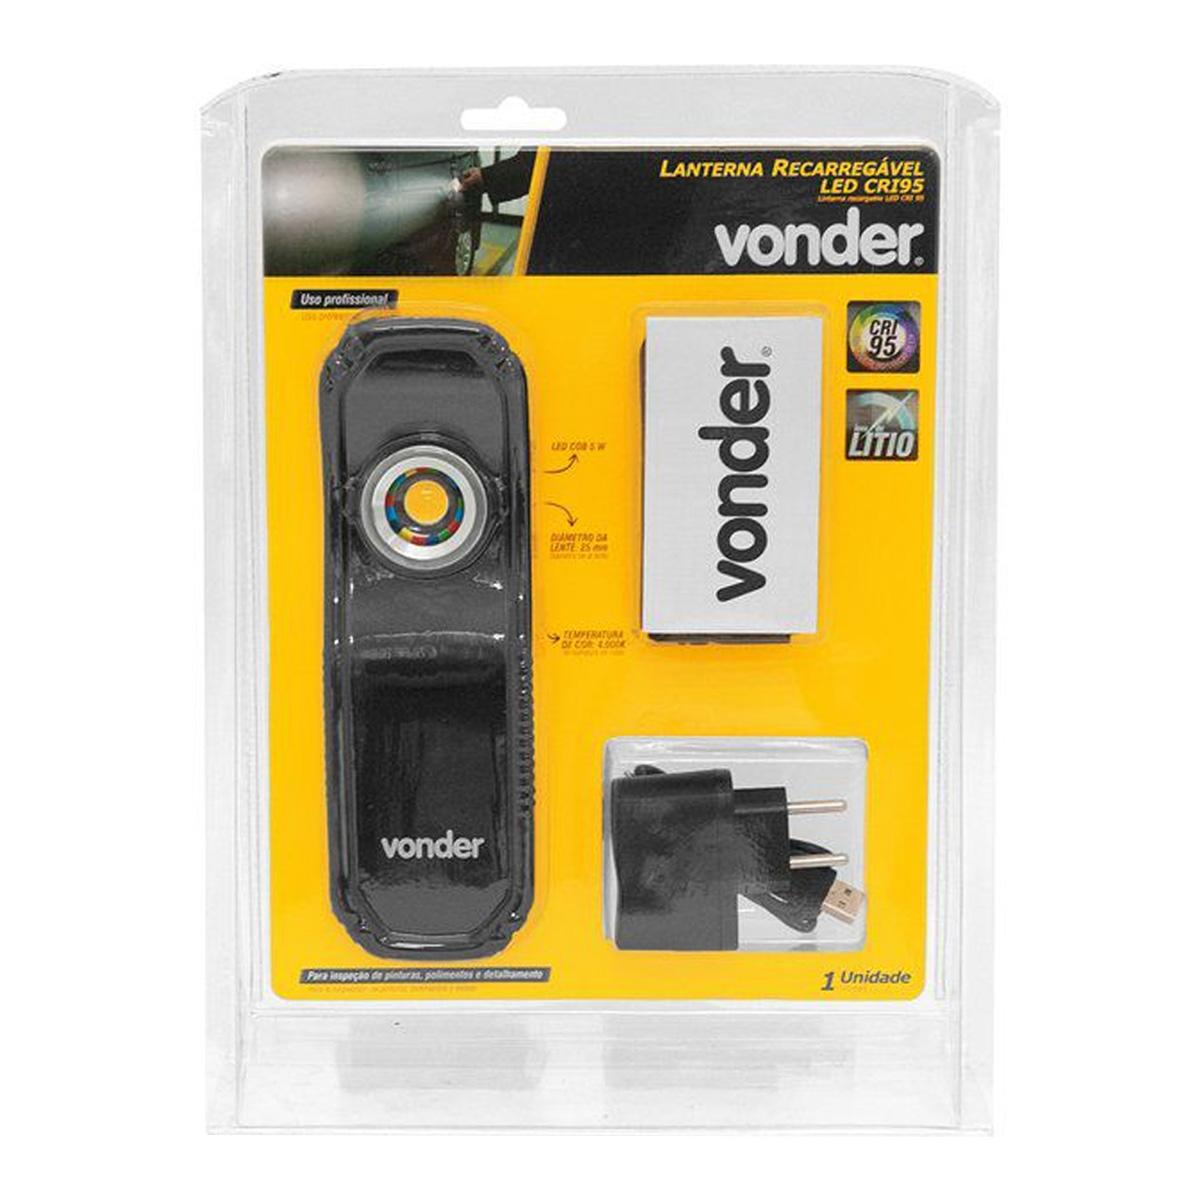 Lanterna de Inspeção LED Recarregável Bivolt 400LM Vonder